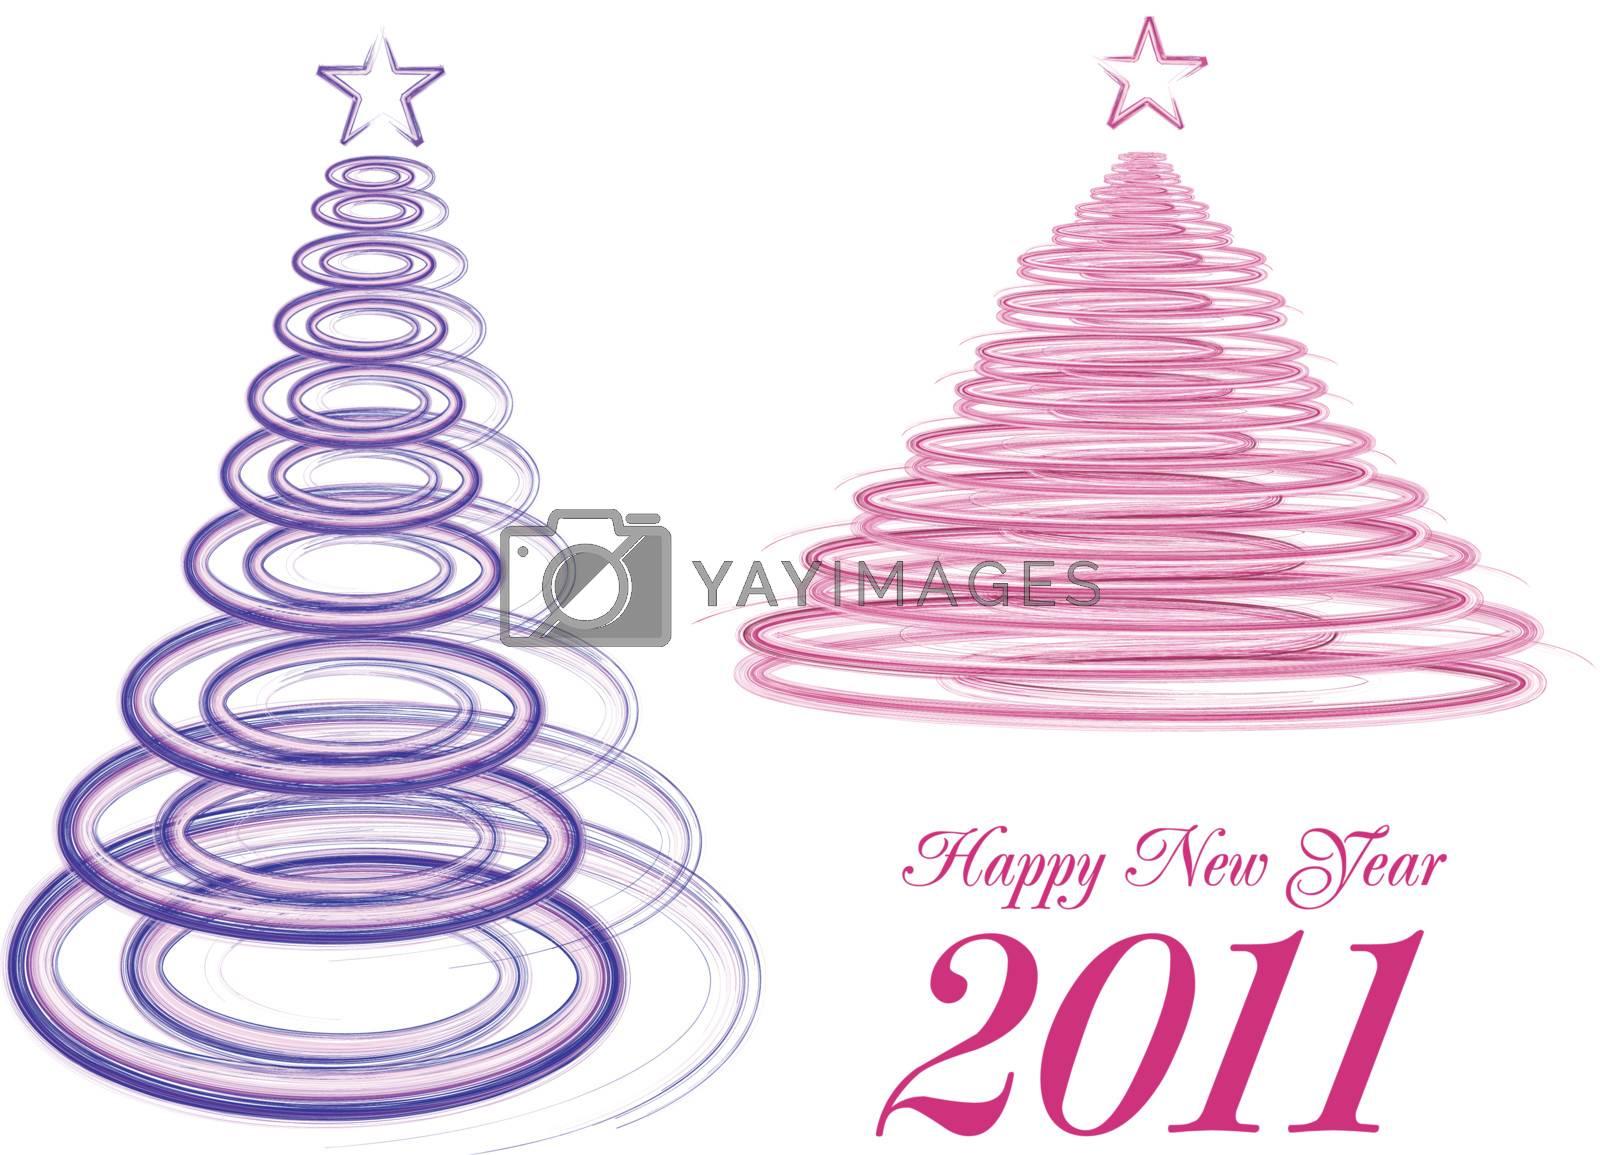 stylized Christmas tree on white background